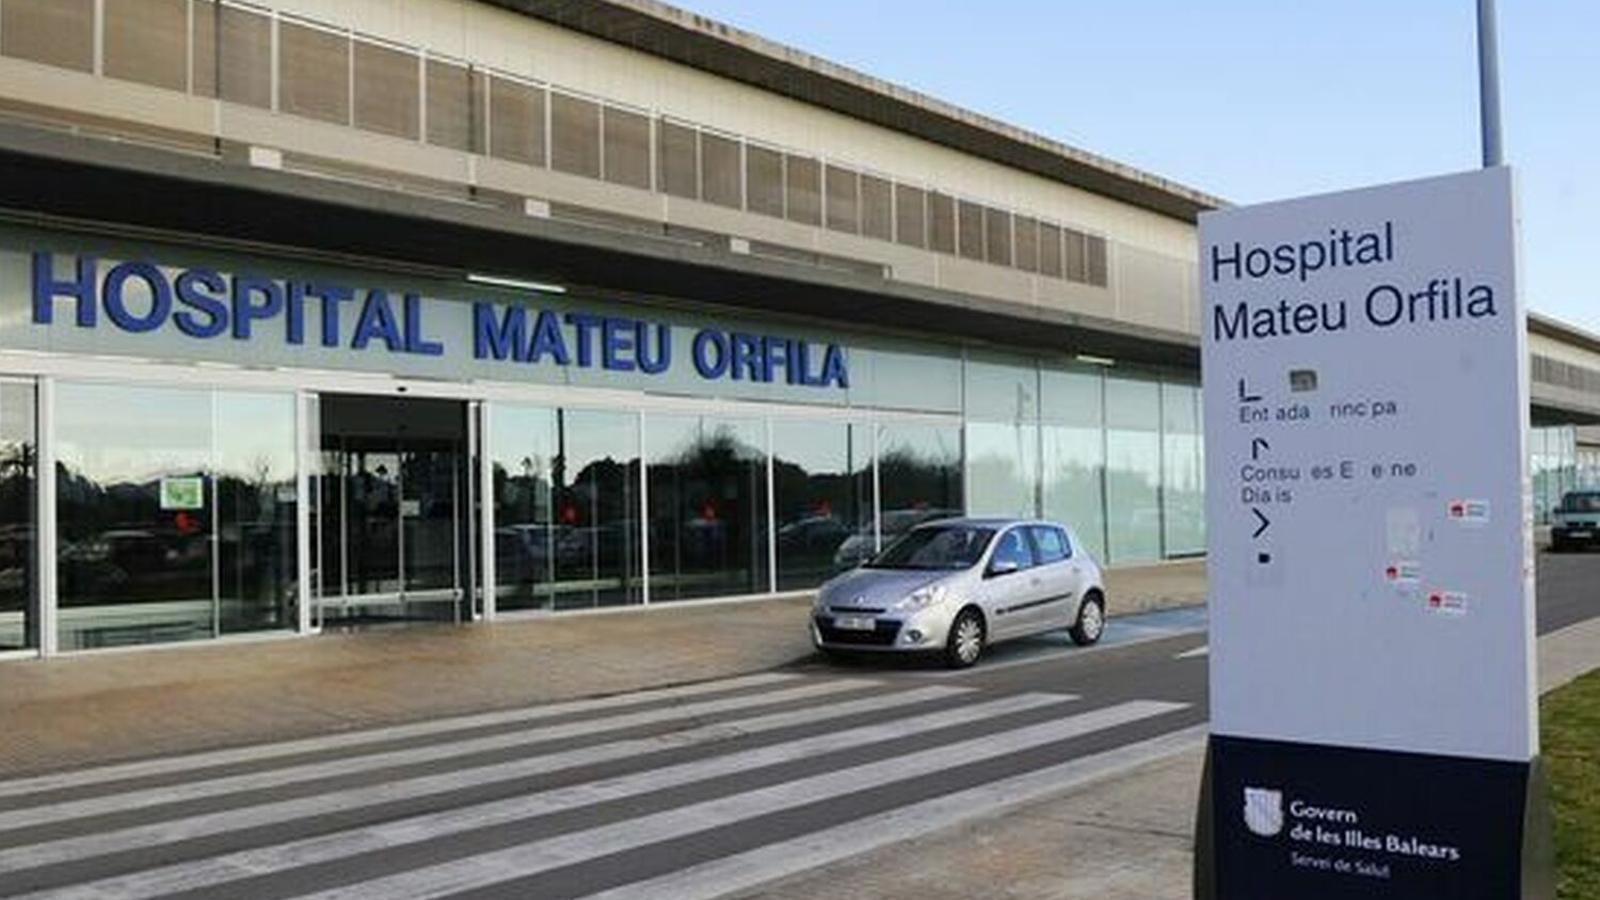 L'hospital de Menorca torna a patir una situació extrema davant l'augment de contagis per coronavirus.